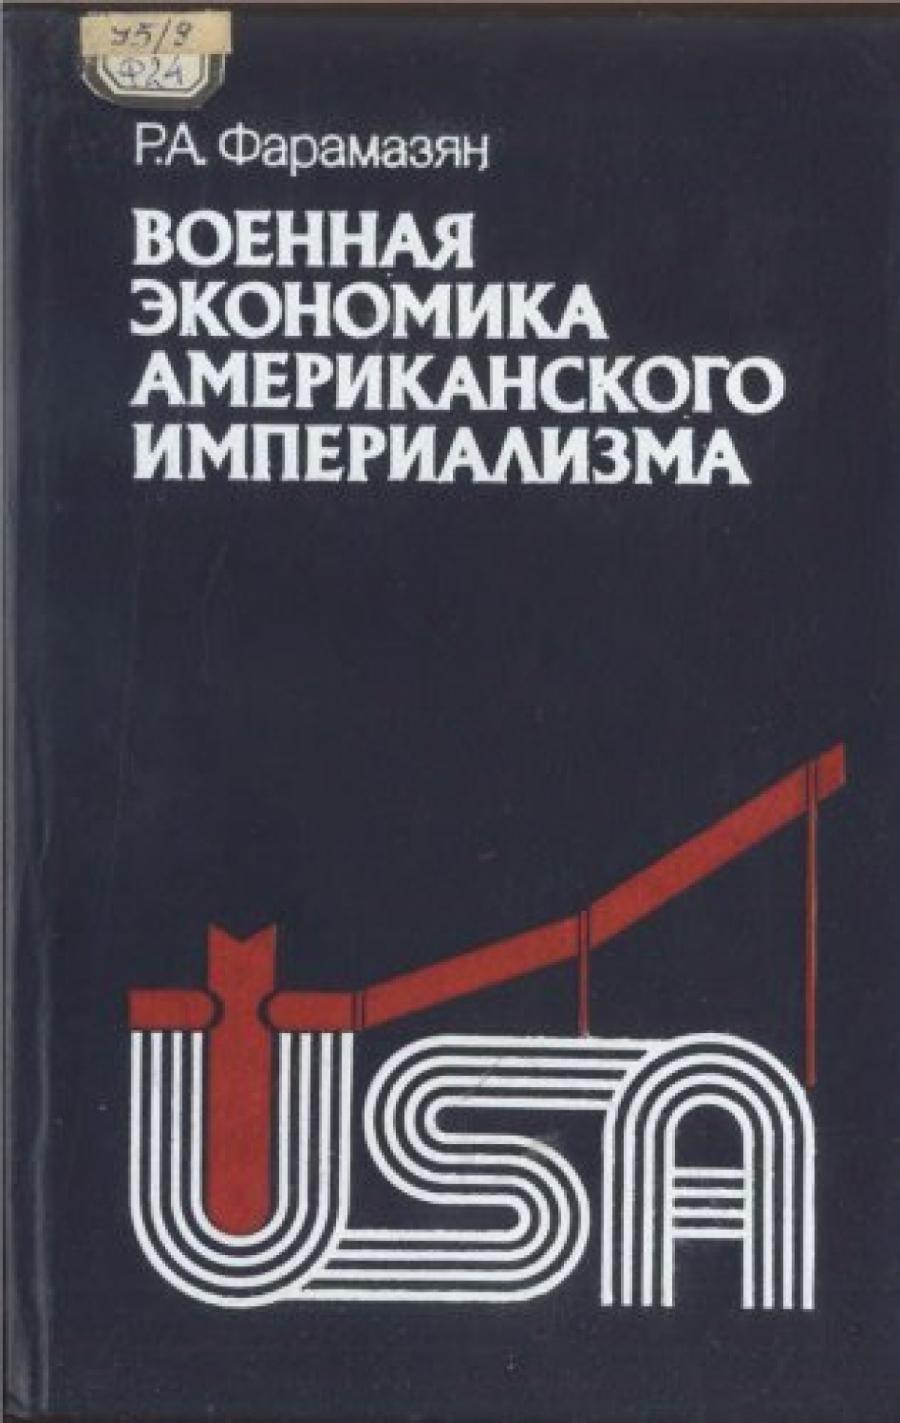 Обложка книги:  фарамазян р.а. - военная экономика американского империализма